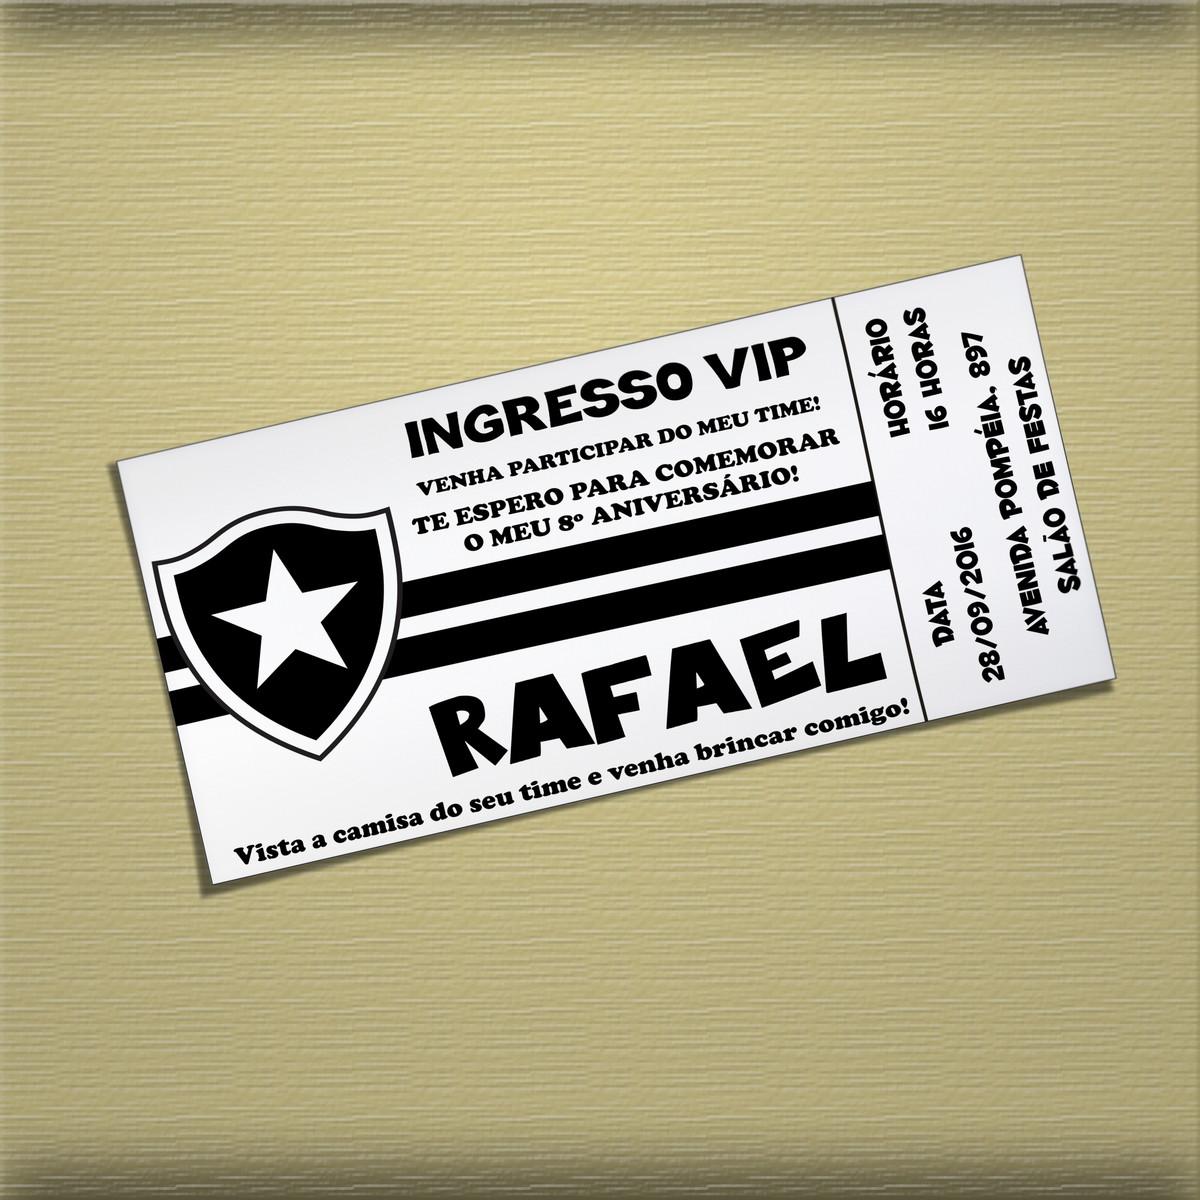 Arte Convite Botafogo 003 no Elo7  bbf50fcae8106